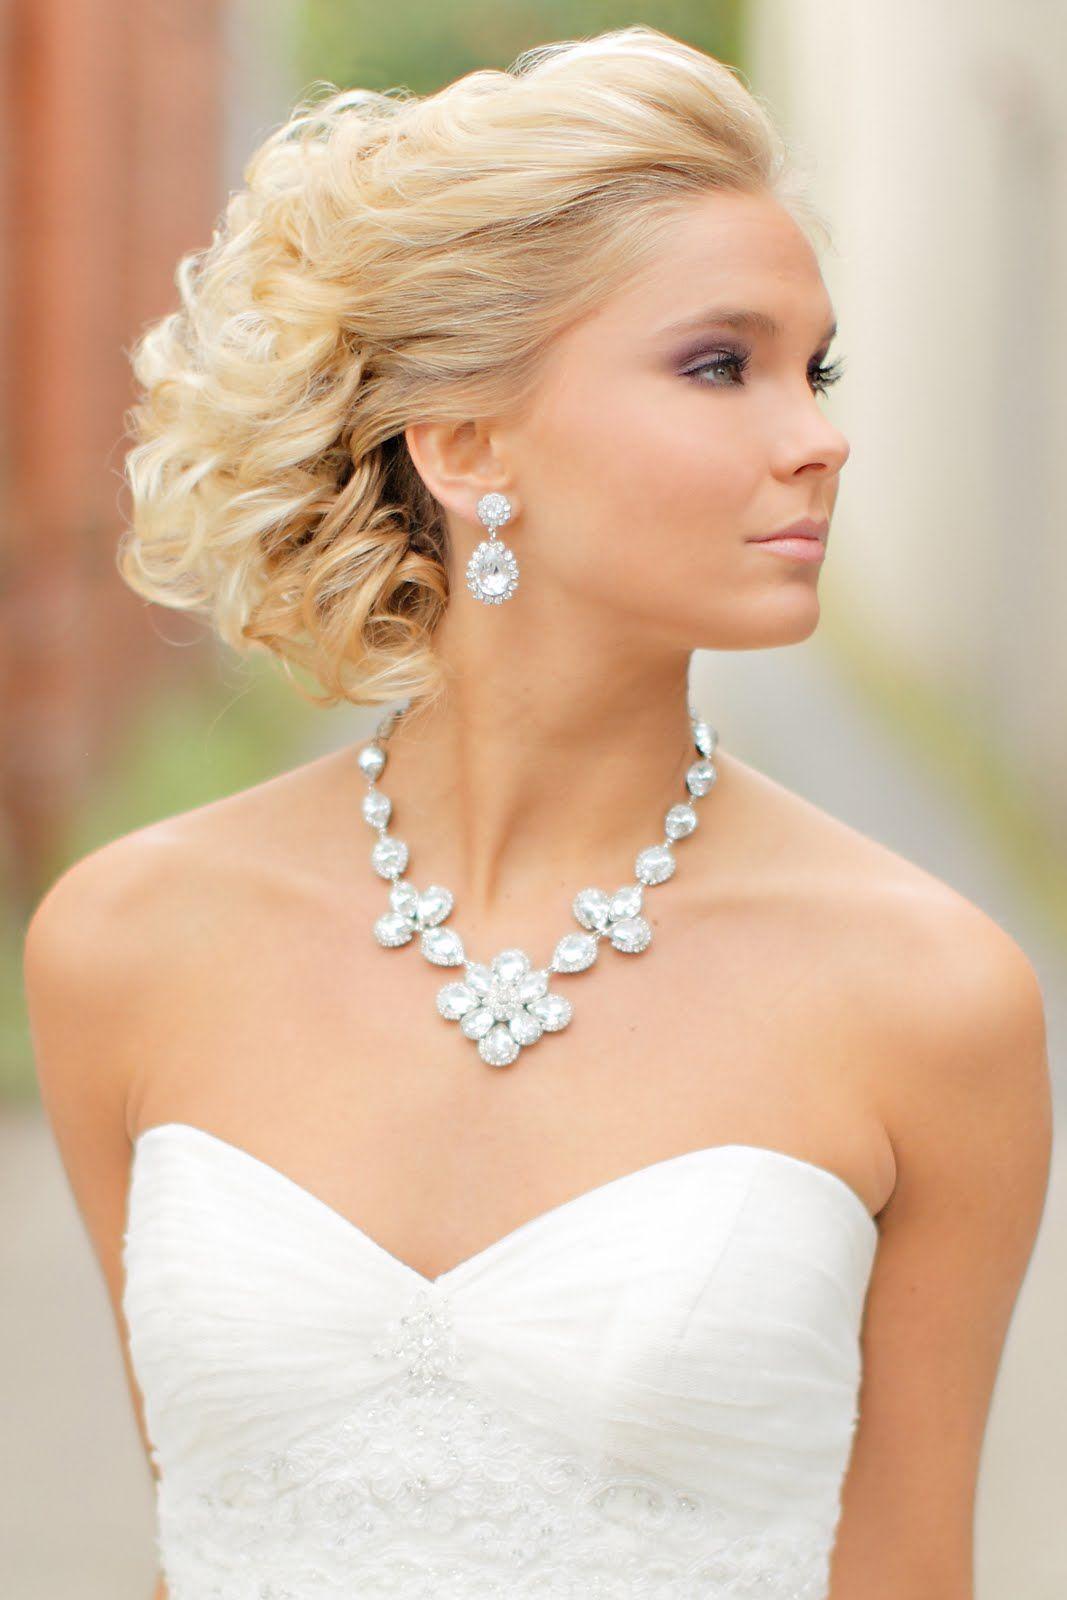 hair: mandy/makeup: jeanine mangan/photography: ahmet ze | wedding